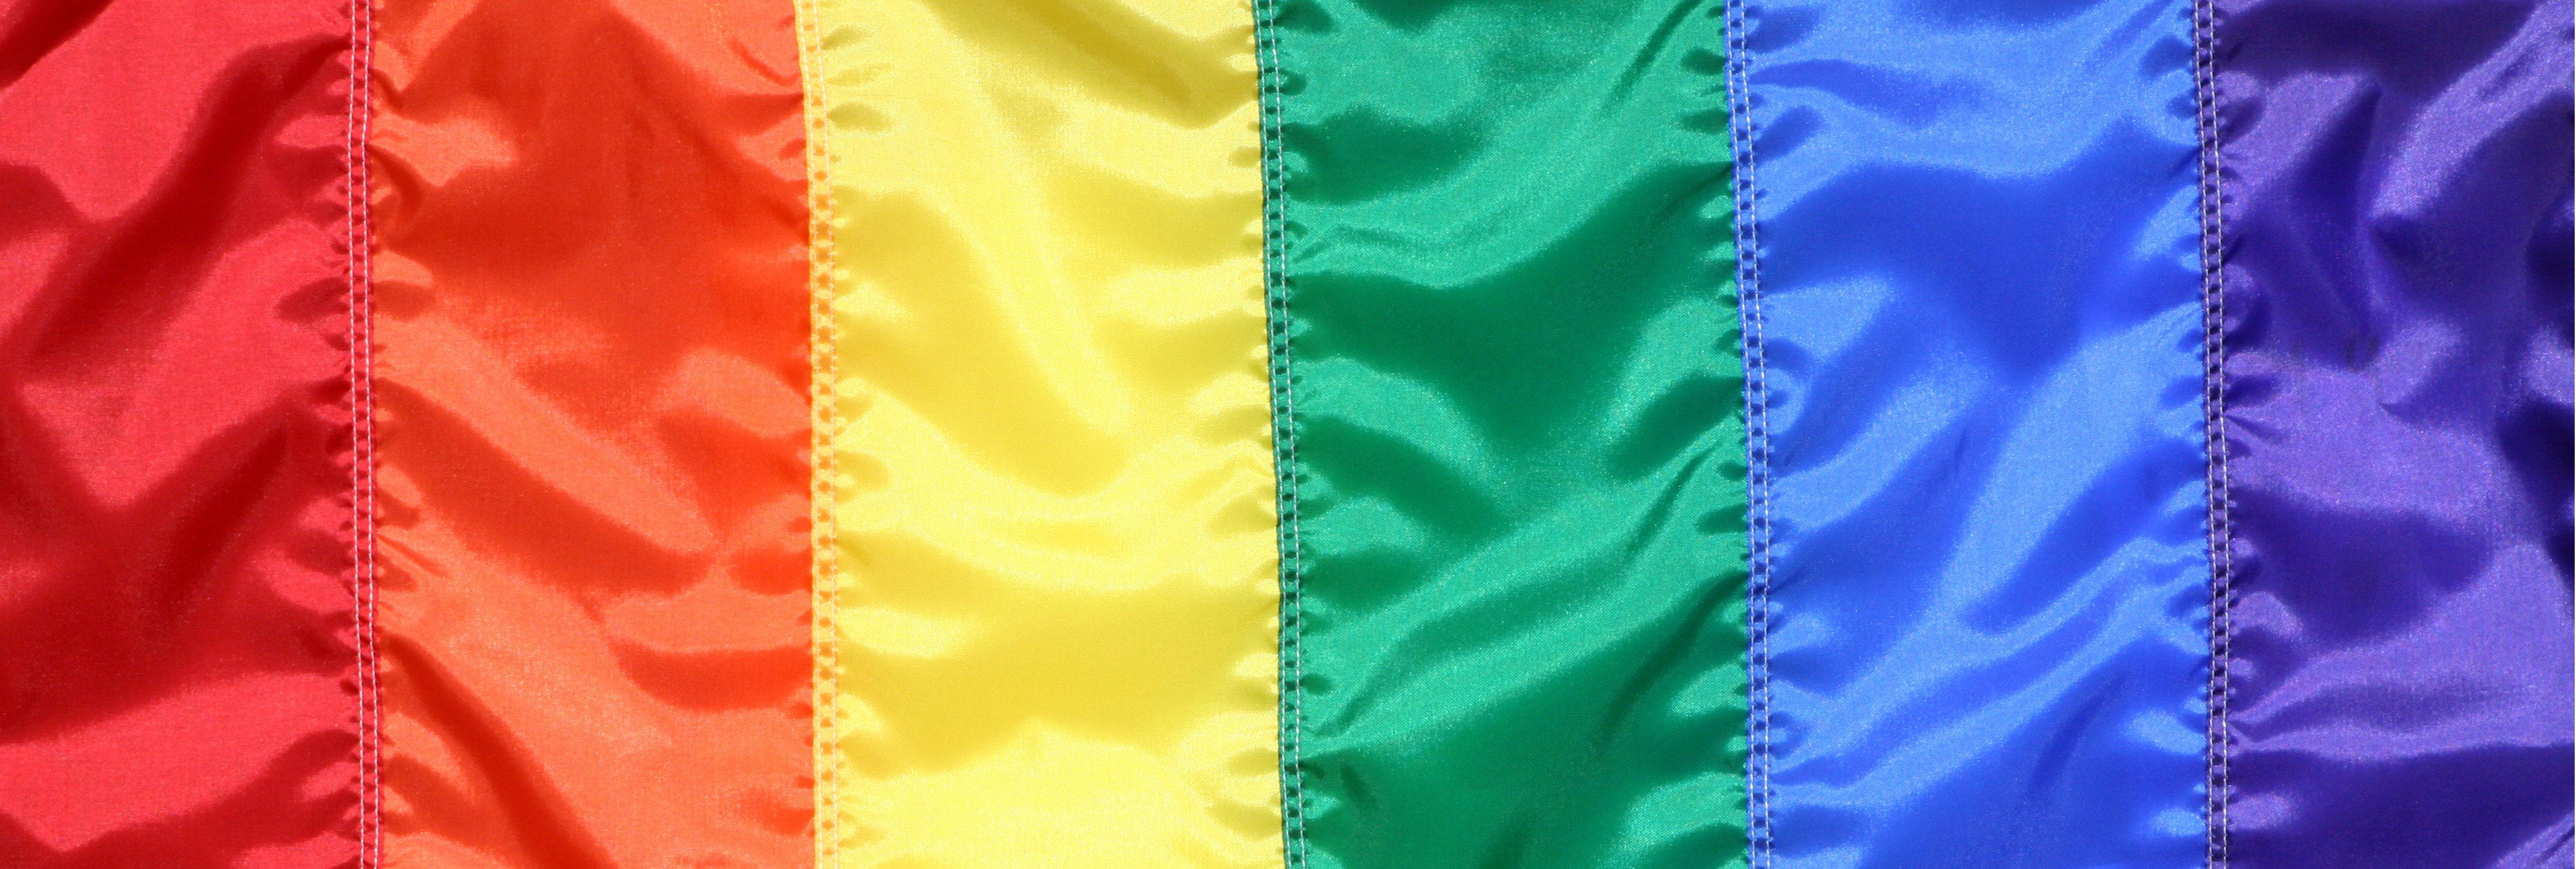 Rediseñan la bandera LGTBI para resaltar la inclusión y el progreso